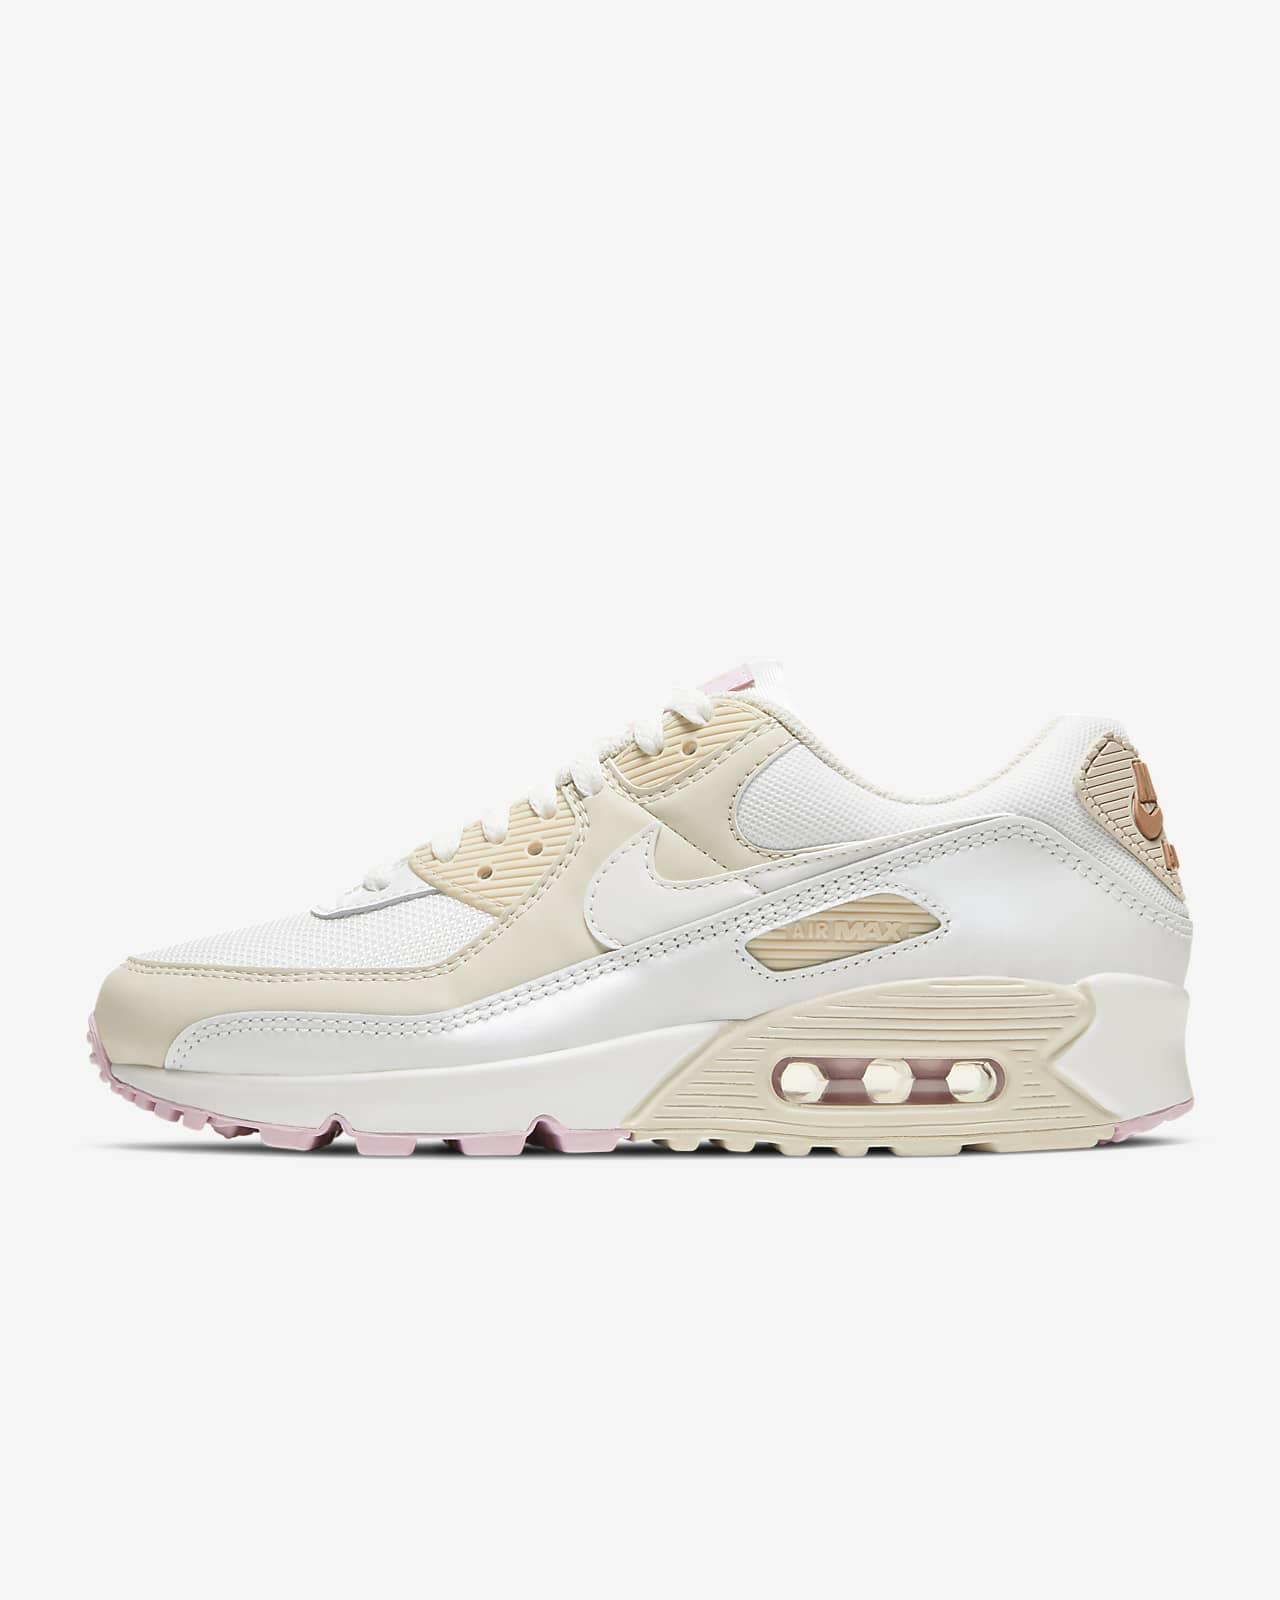 nike air mujer zapatos